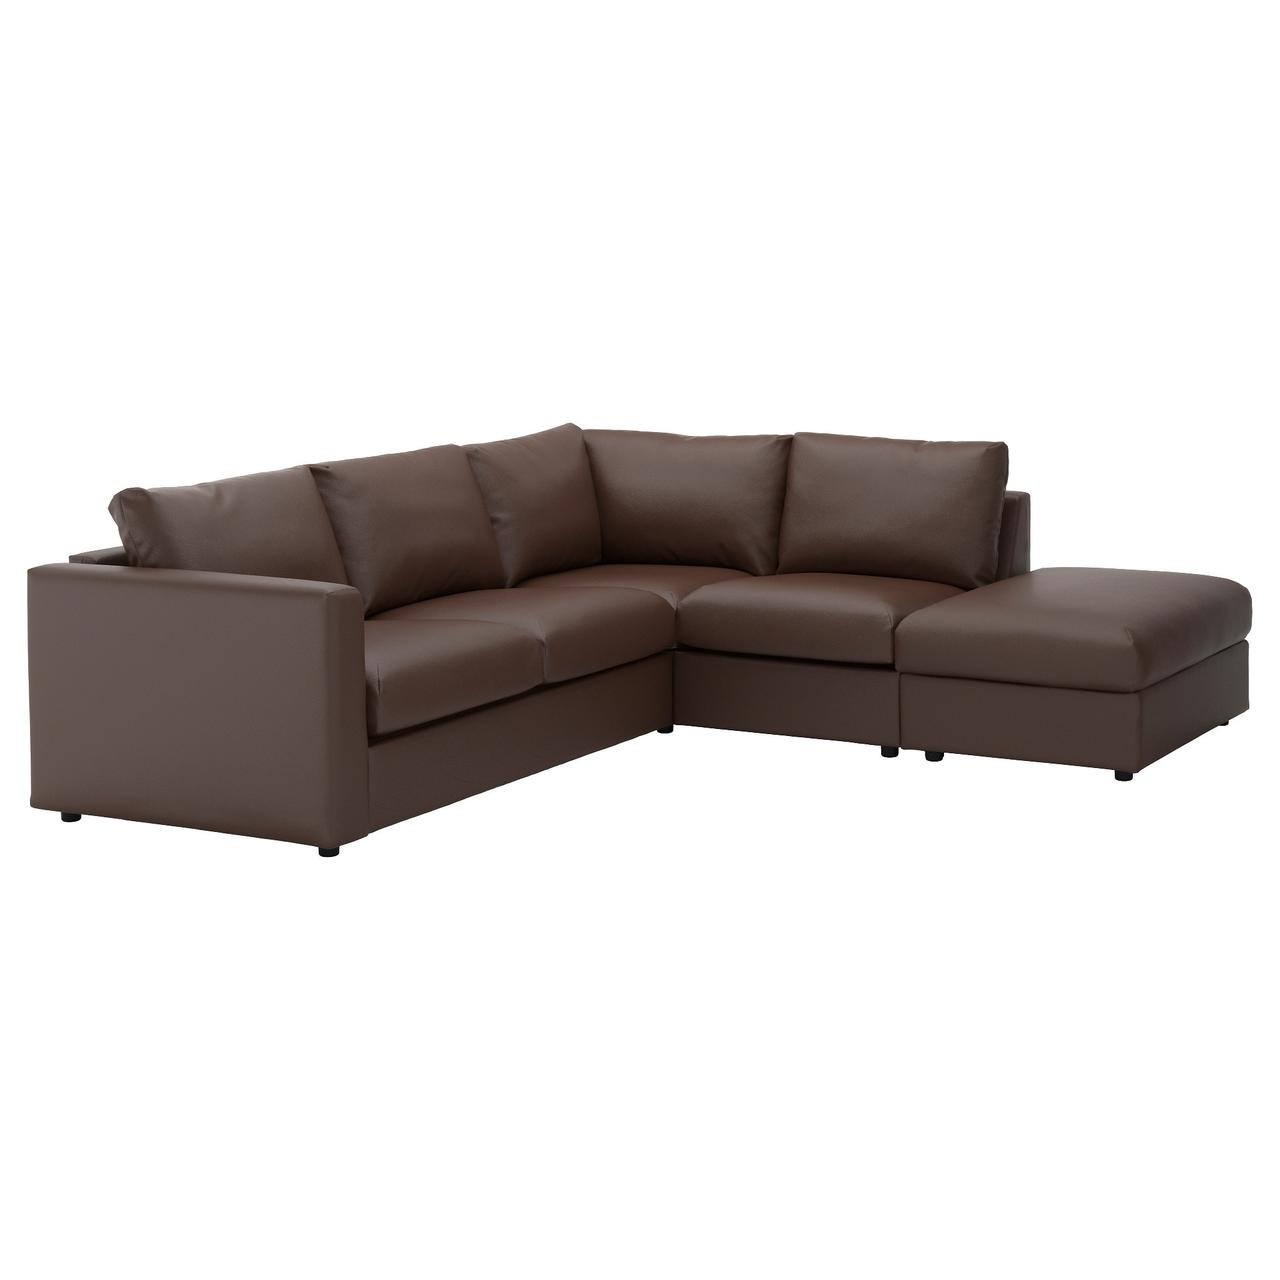 ВИМЛЕ 4-местный угловой диван, с открытым торцом, Фарста темно-коричневый